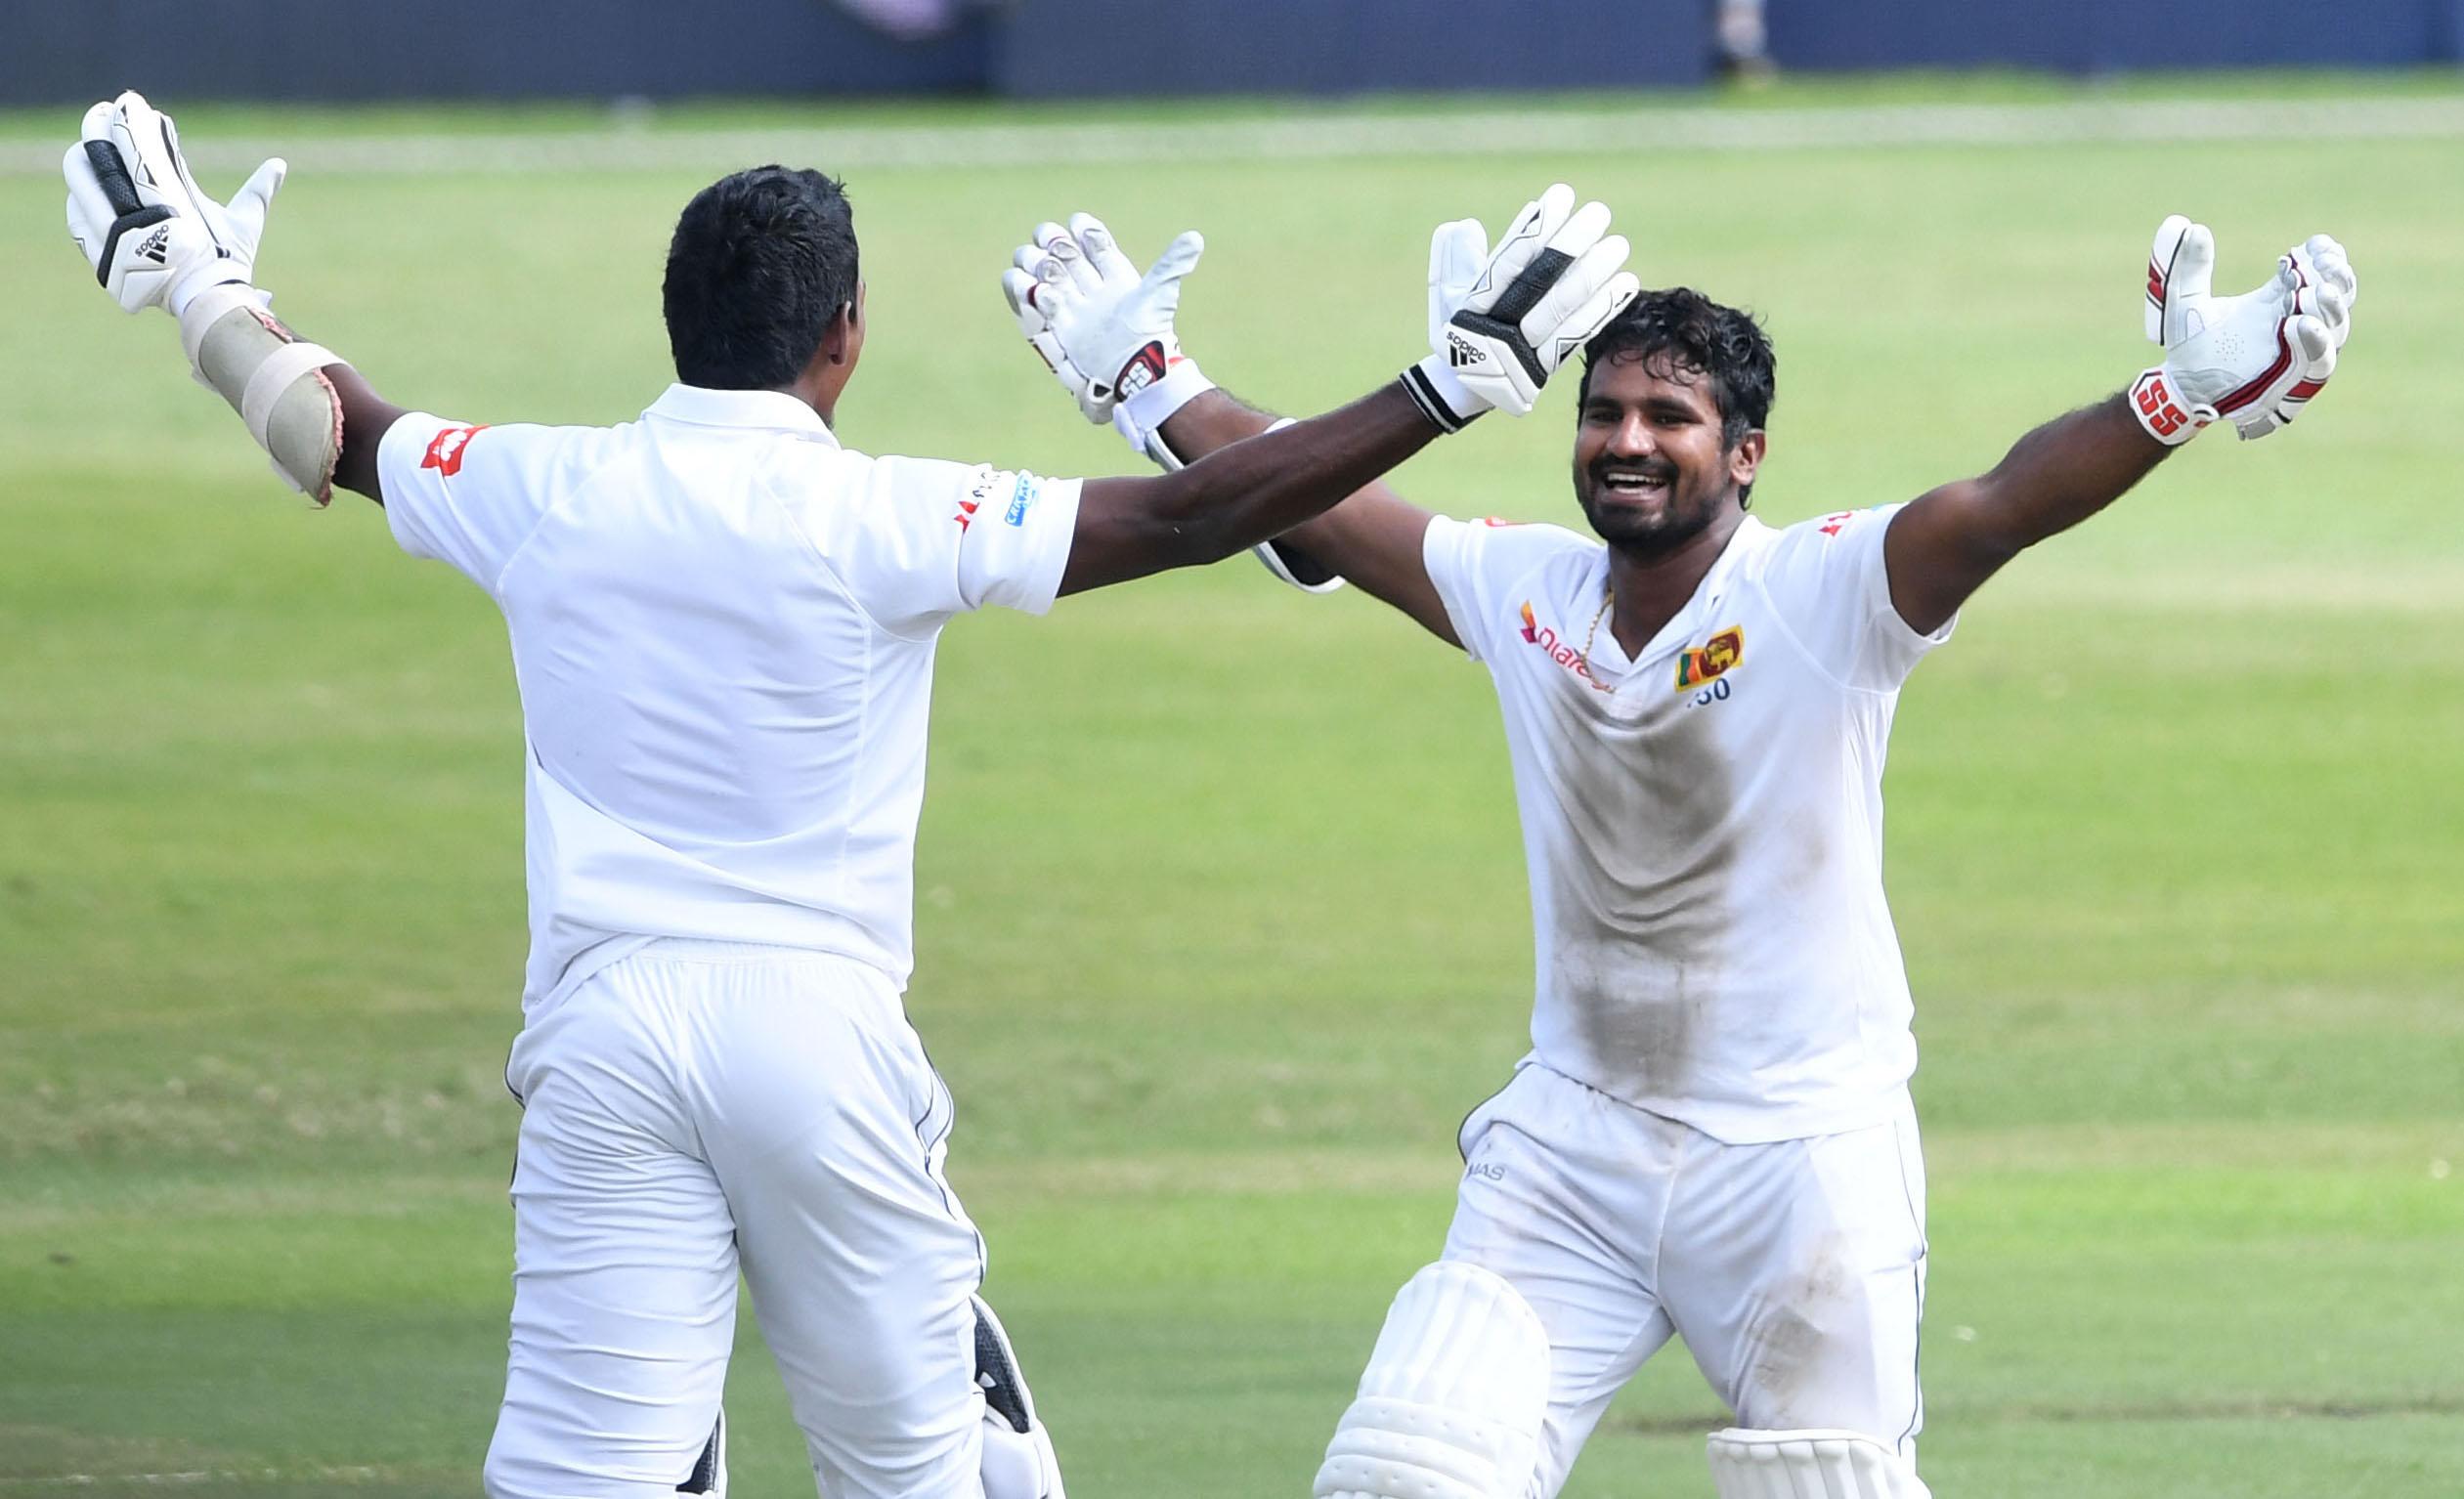 Reinvigorated Sri Lanka chase history in Port Elizabeth